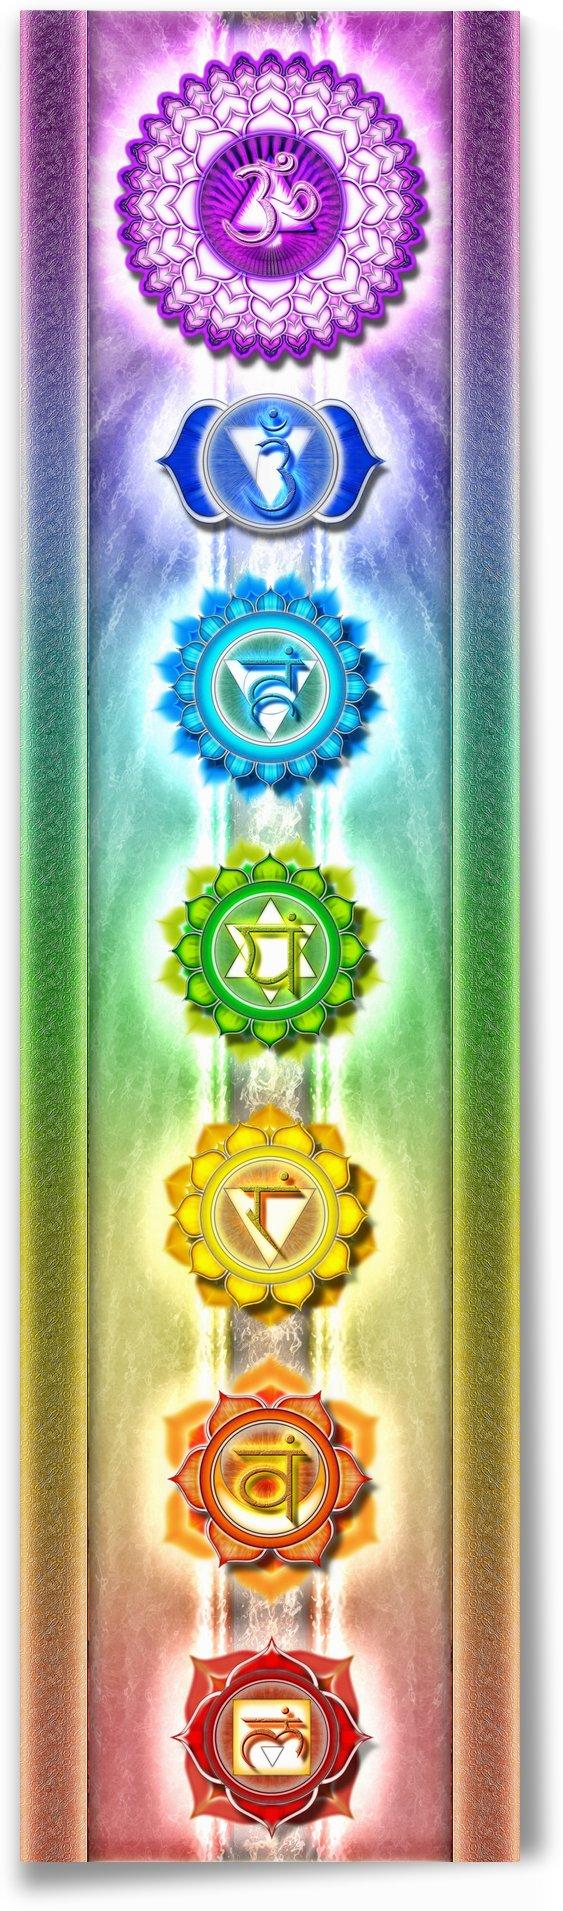 The Seven Chakras Series I by Dirk Czarnota